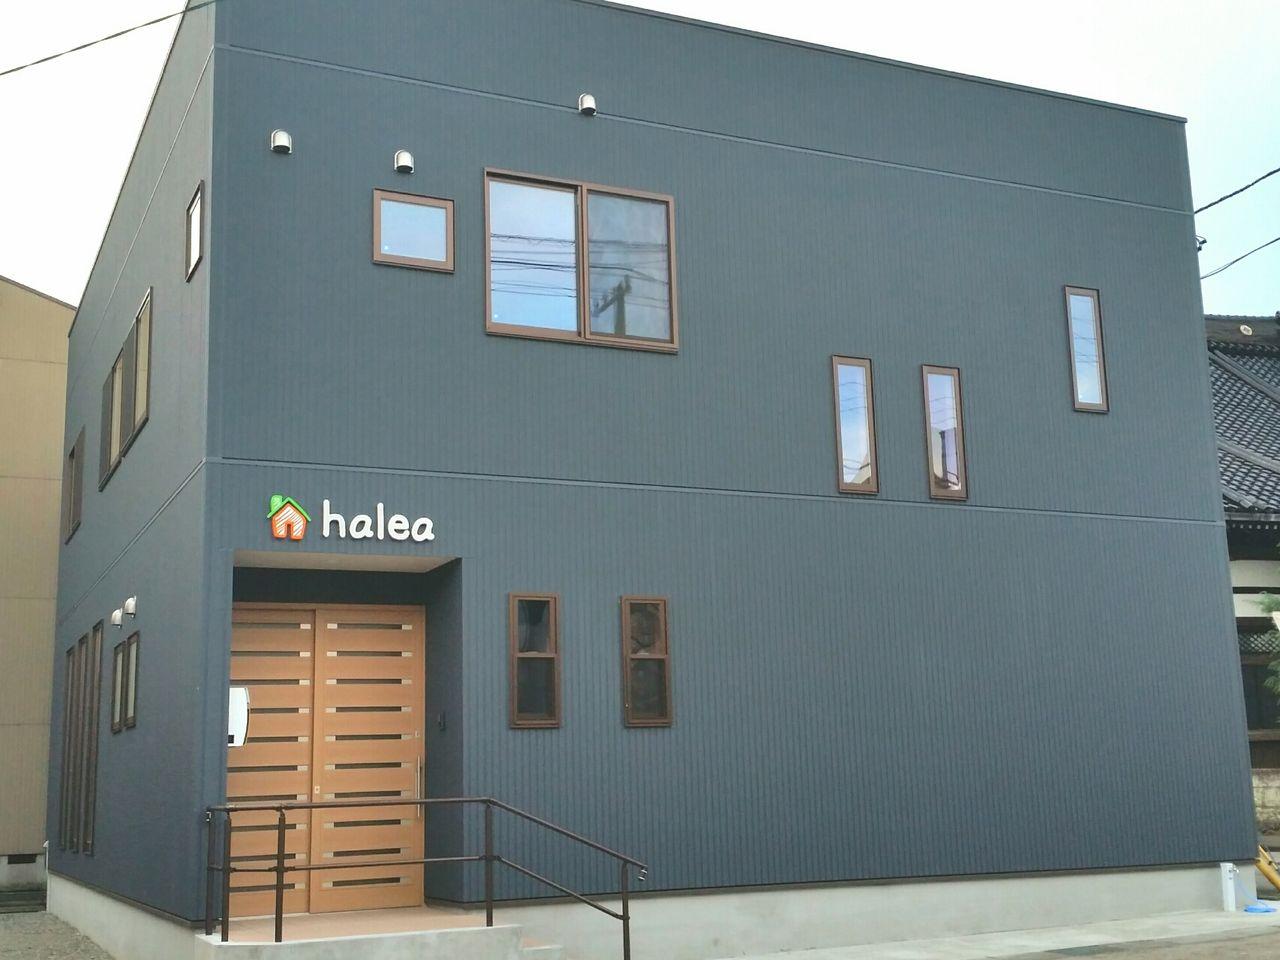 堀端町に『halea(ハレア)学童保育』なる習い事もできる放課後の学童保育施設がオープンするらしい。 : 富山デイズ - 富山県富山市の地域情報サイト